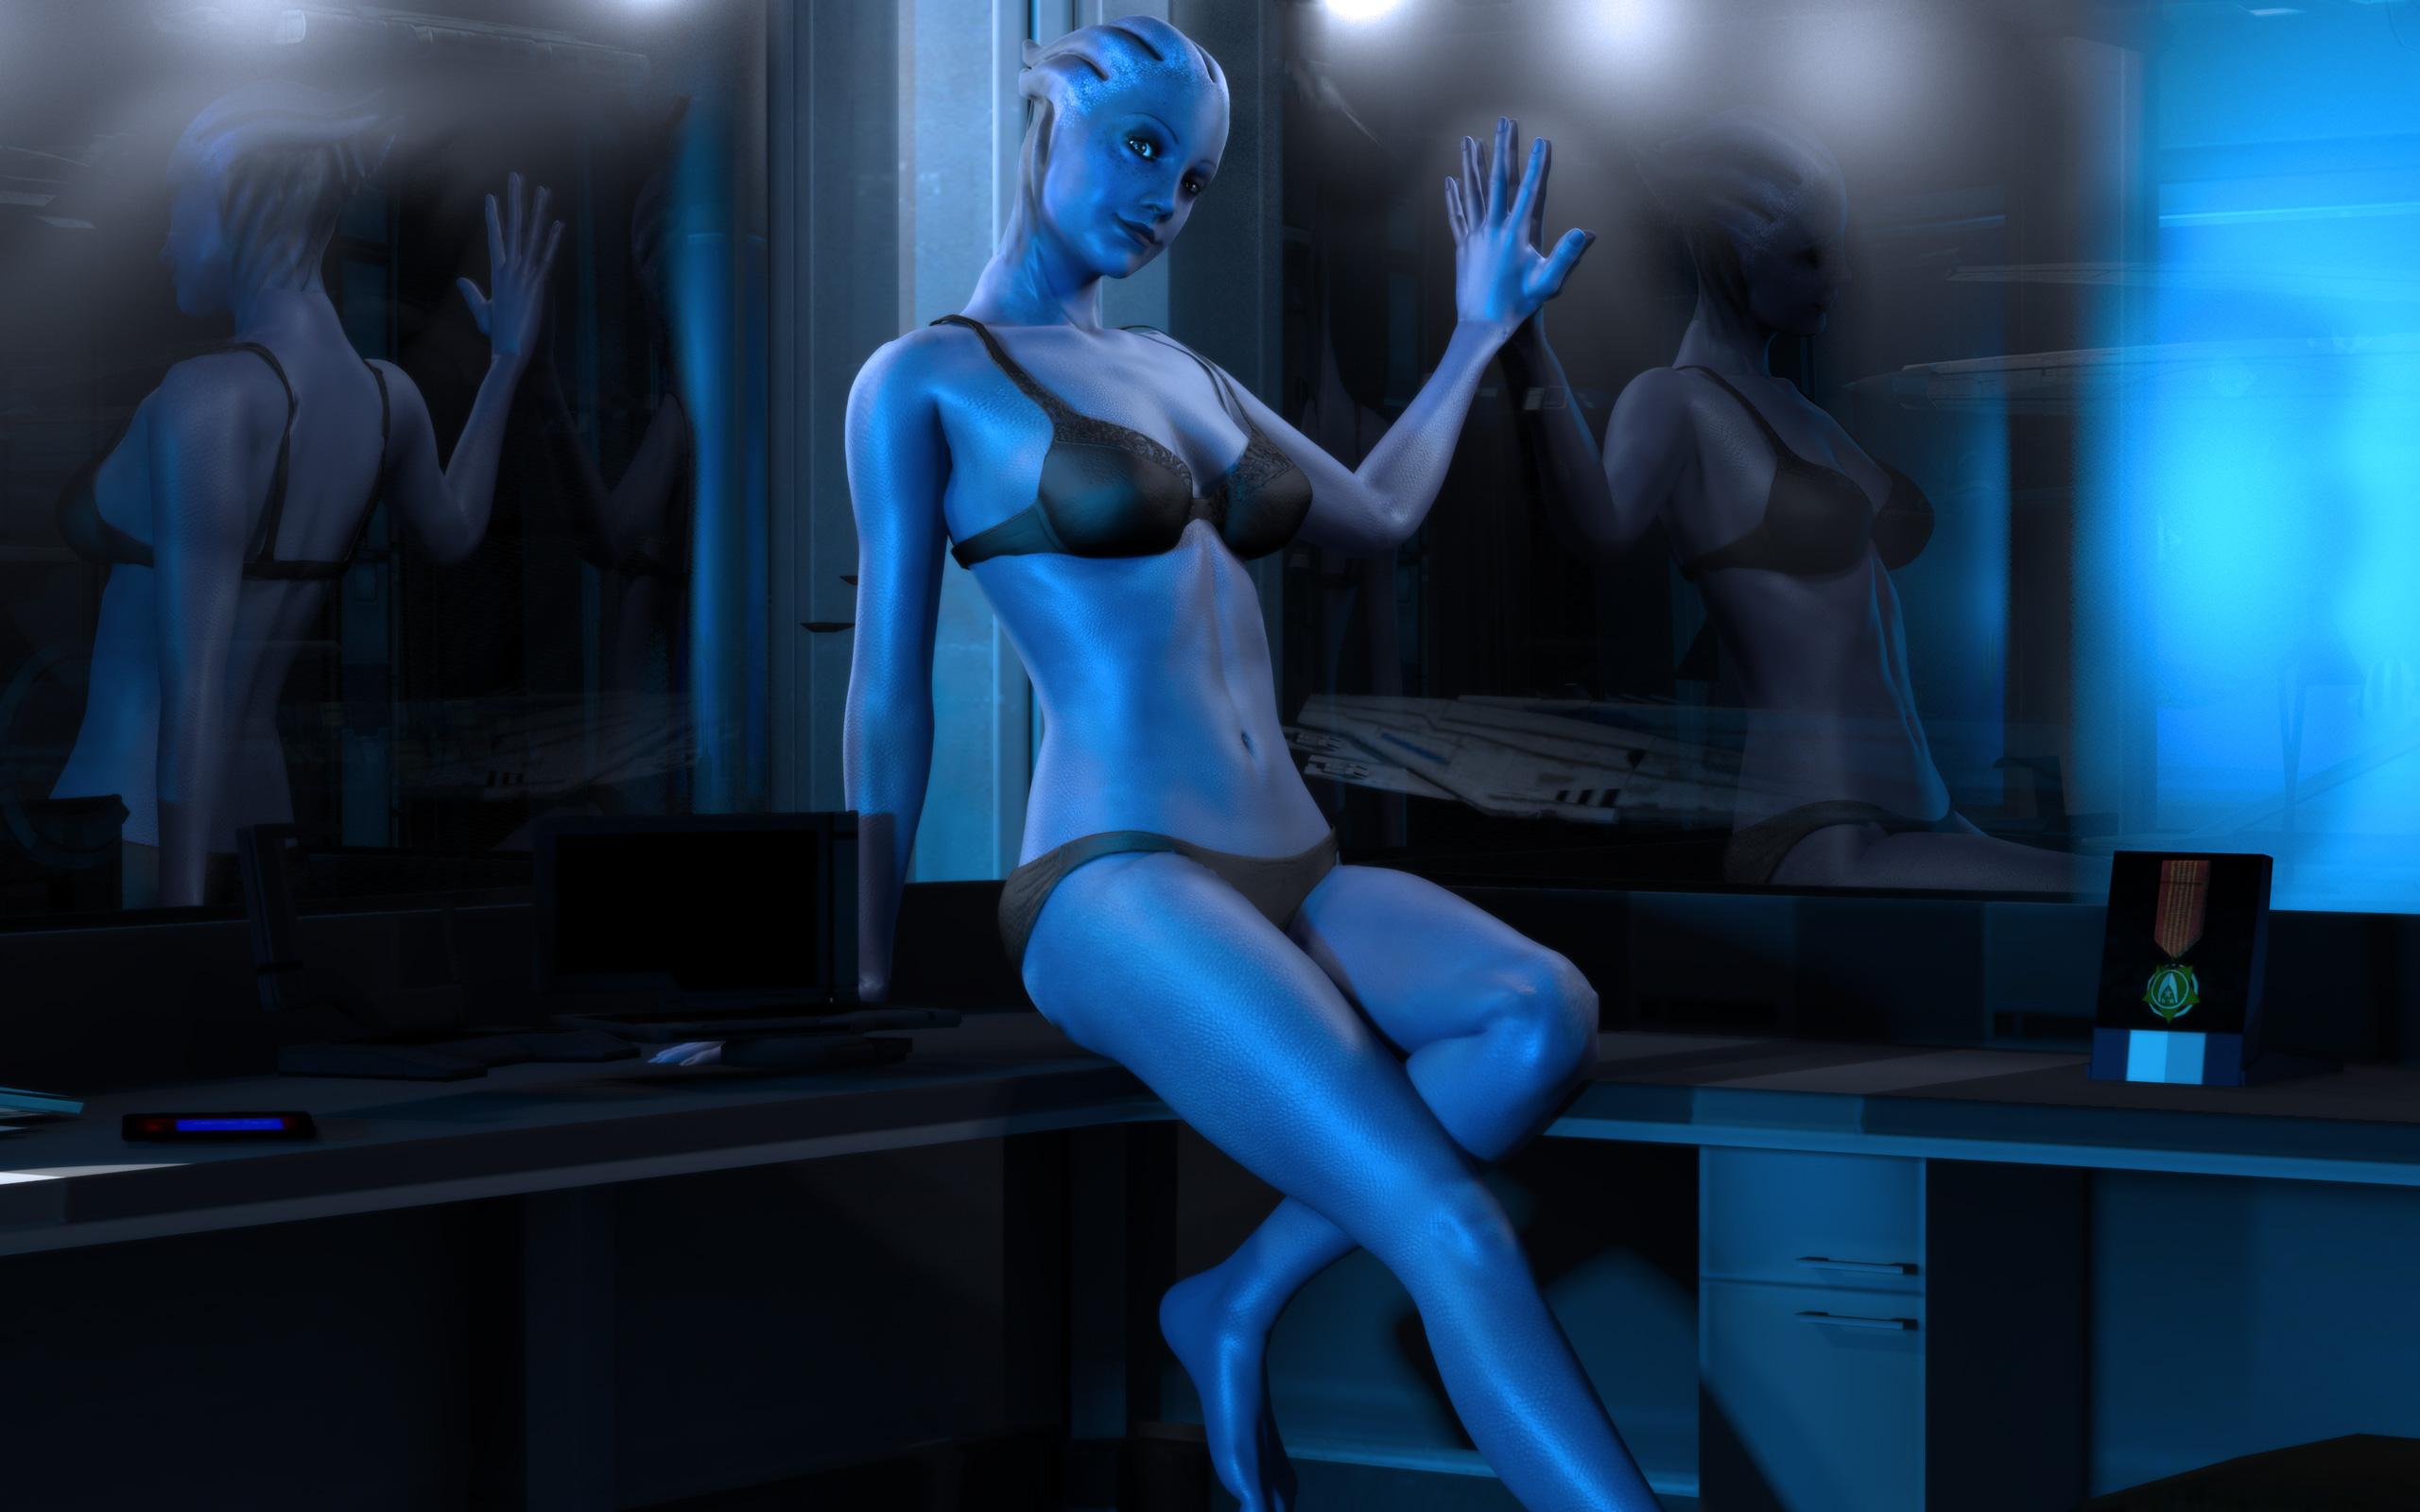 Mass effect porn shrek hentai toons